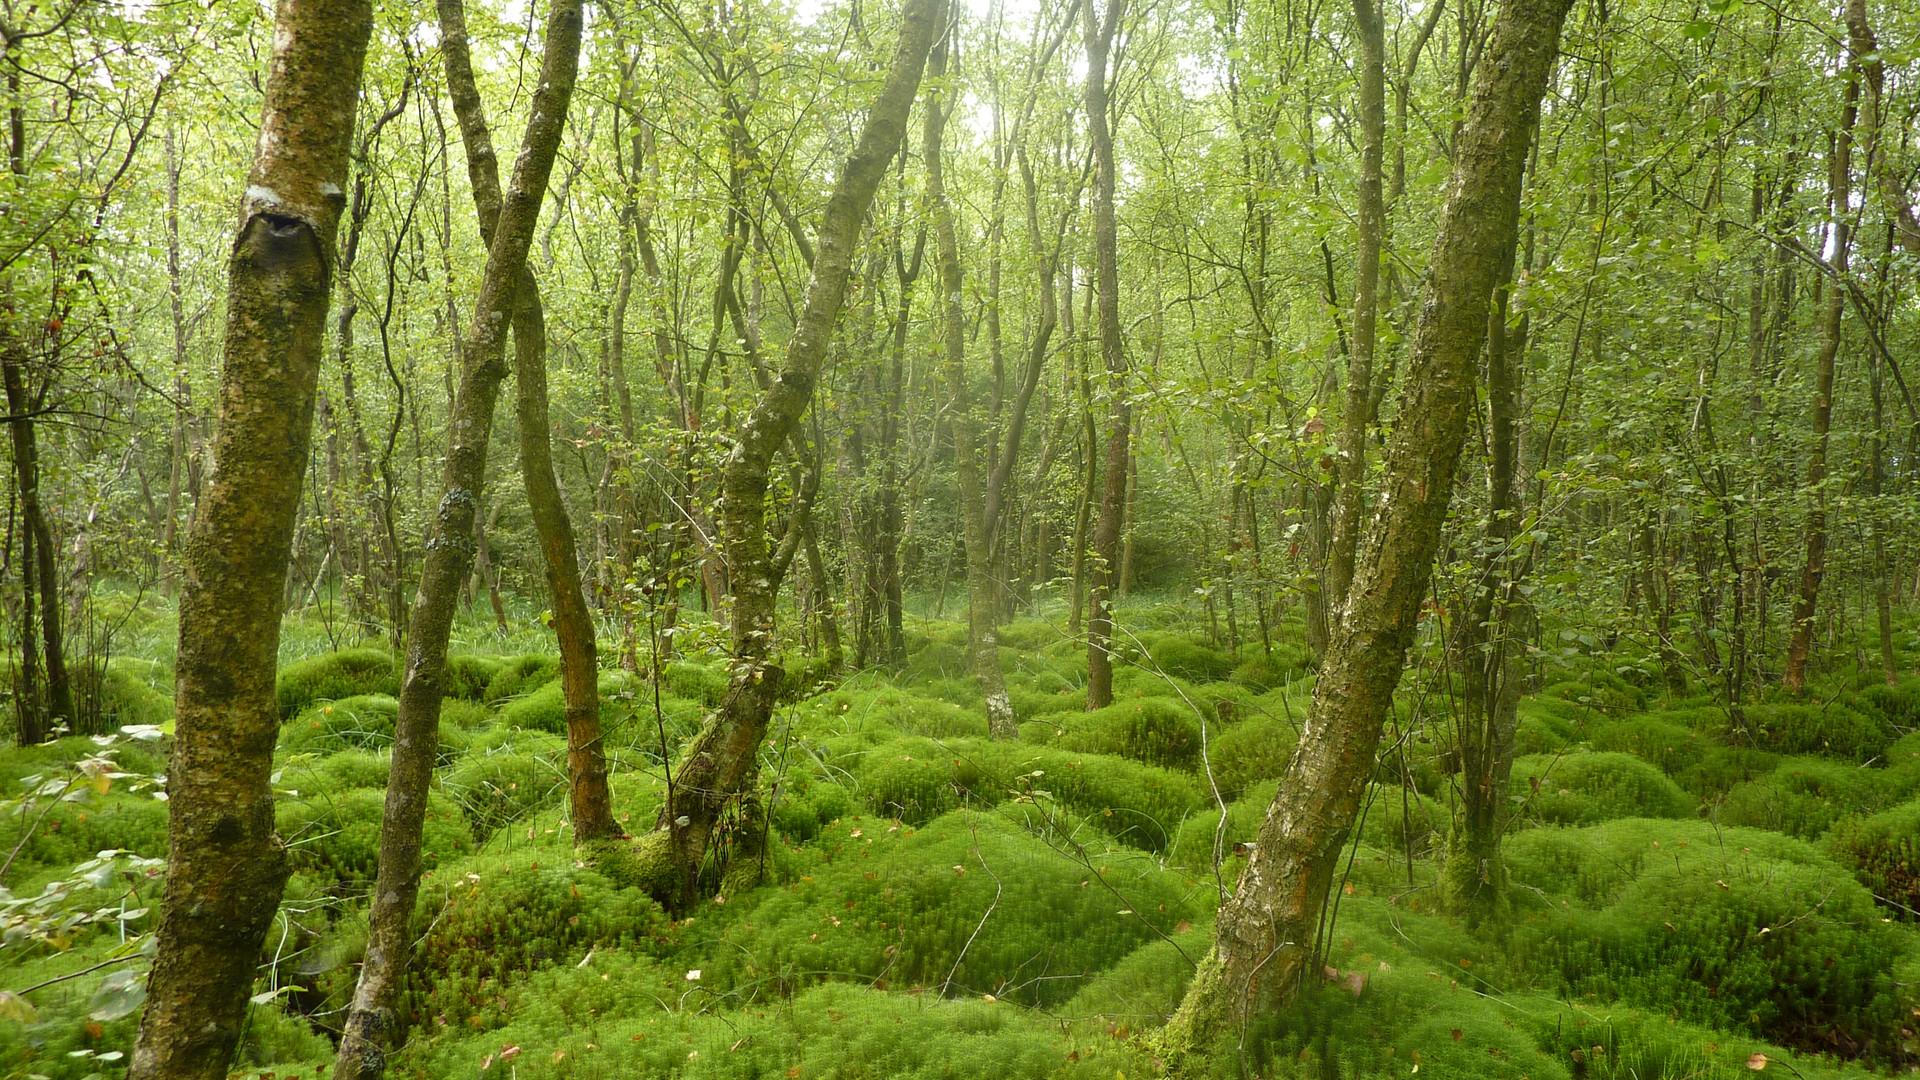 Bouleau_et_buttes_de_Polytric_forêt_de_B